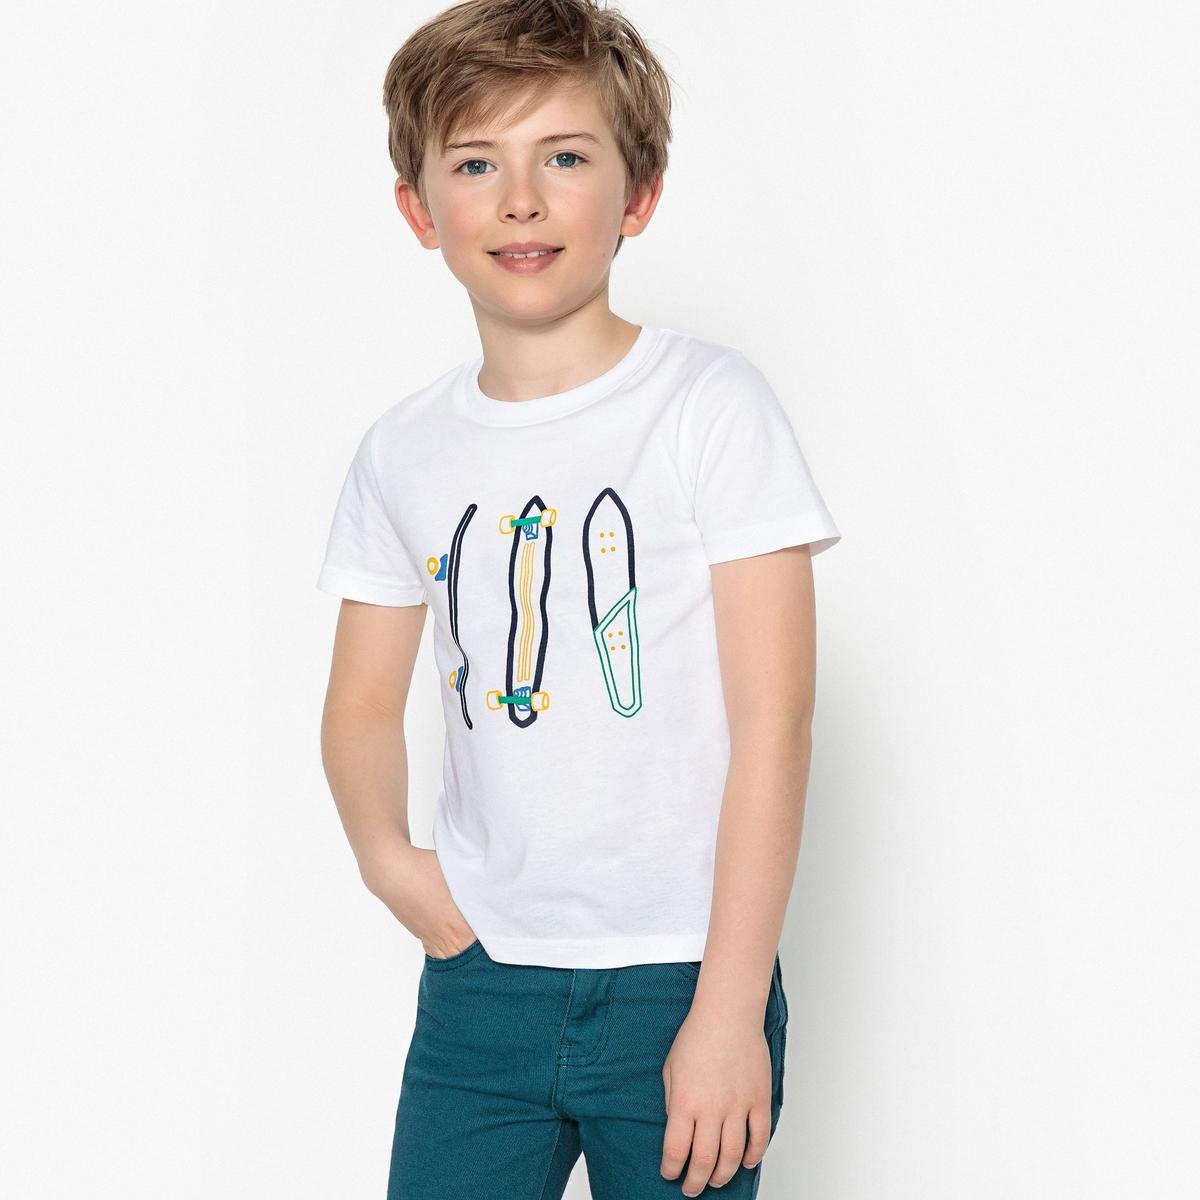 Футболка с рисунком скейтборды, 3-12 лет футболка с рисунком собака 3 14 лет